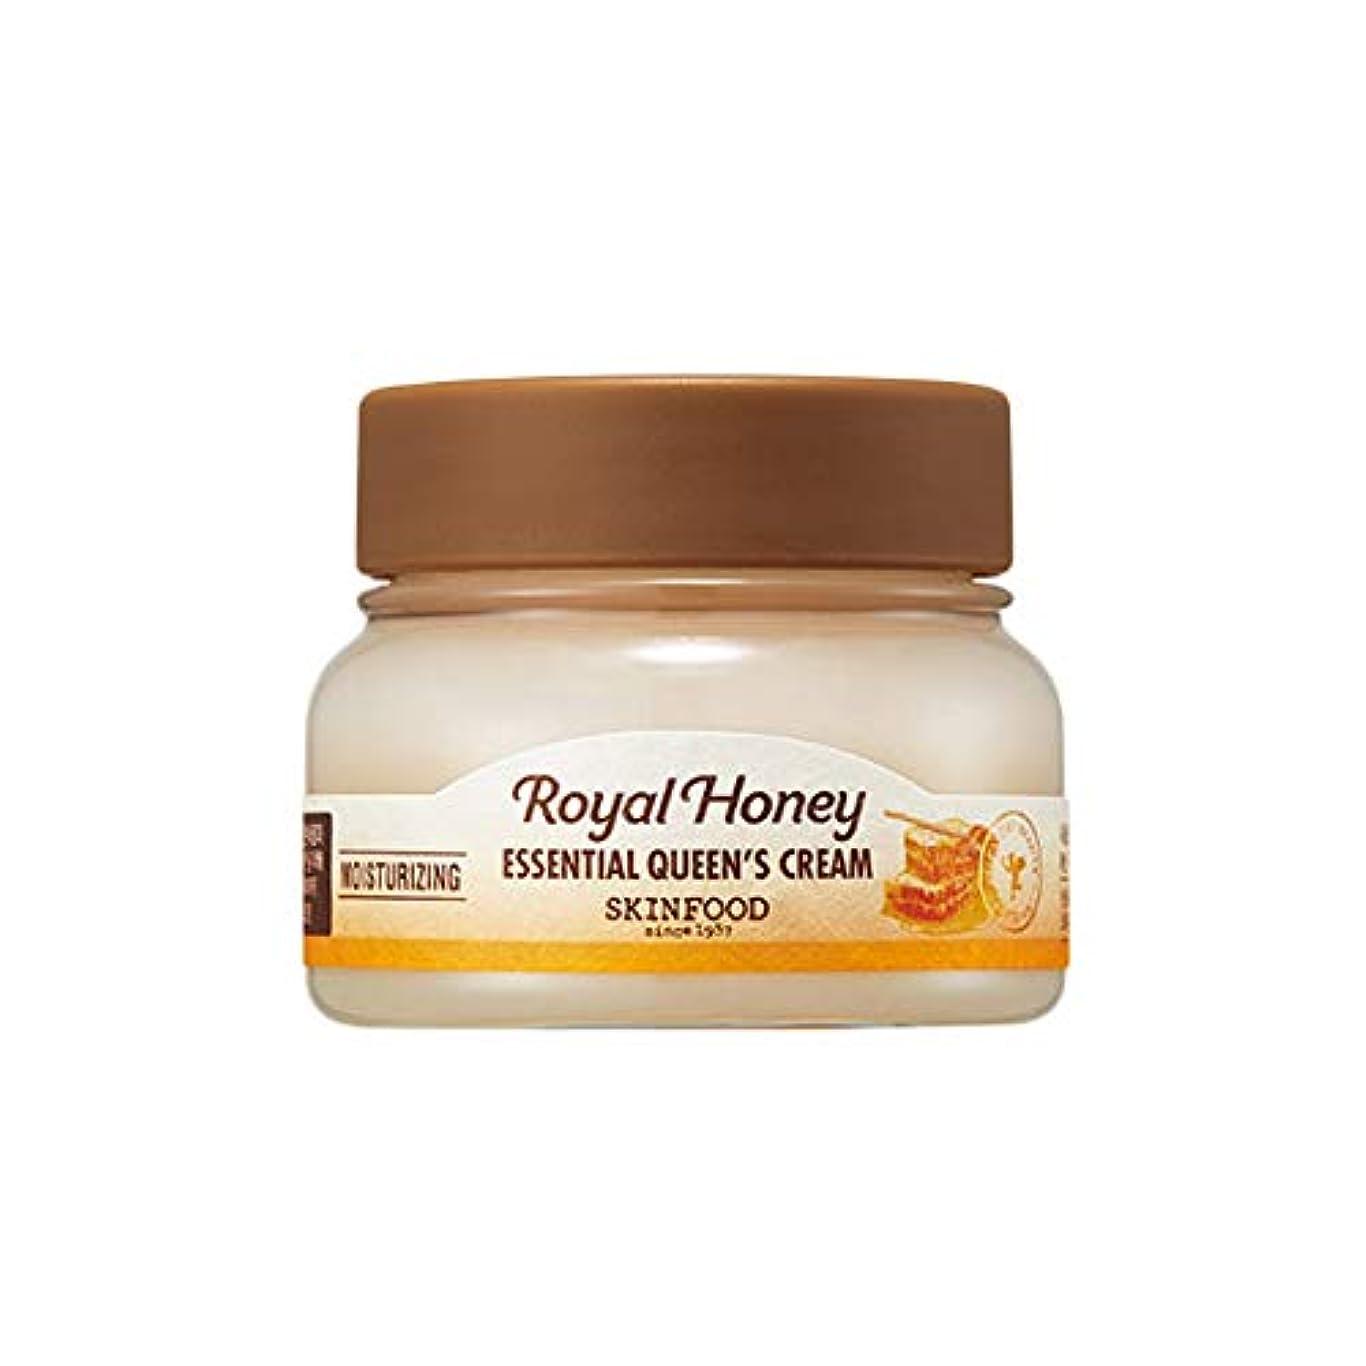 ハイランドデータベース案件Skinfood ロイヤルハニーエッセンシャルクイーンクリーム/Royal Honey Essential Queen's Cream 62ml [並行輸入品]